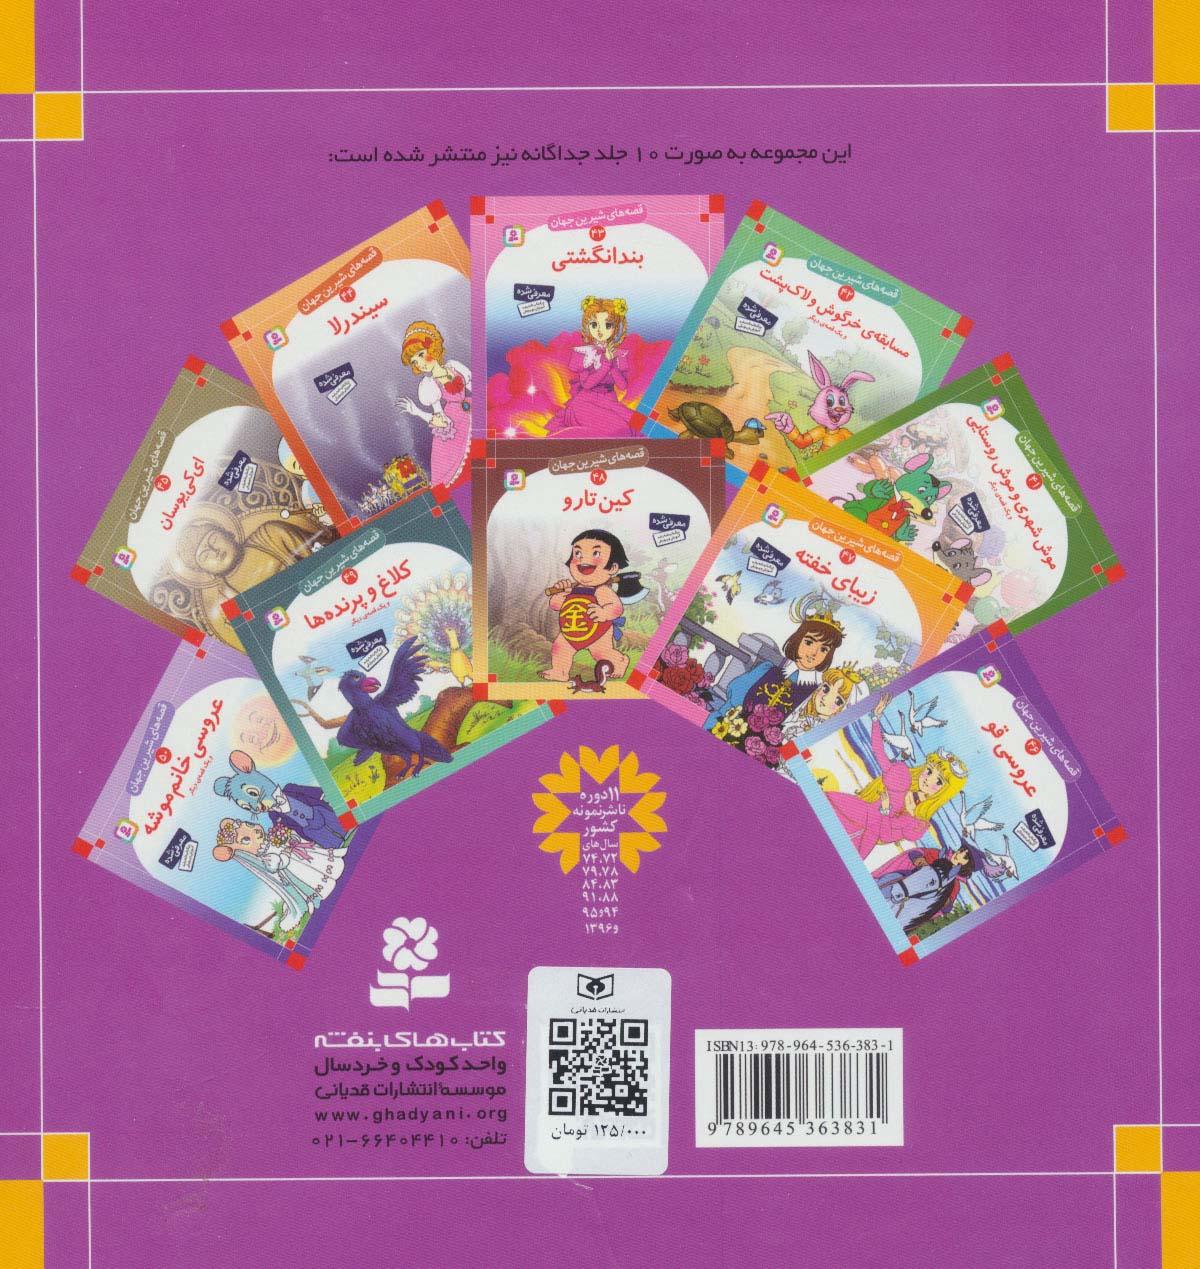 مجموعه قصه های شیرین جهان 5 (جلدهای41تا50)،(گلاسه)